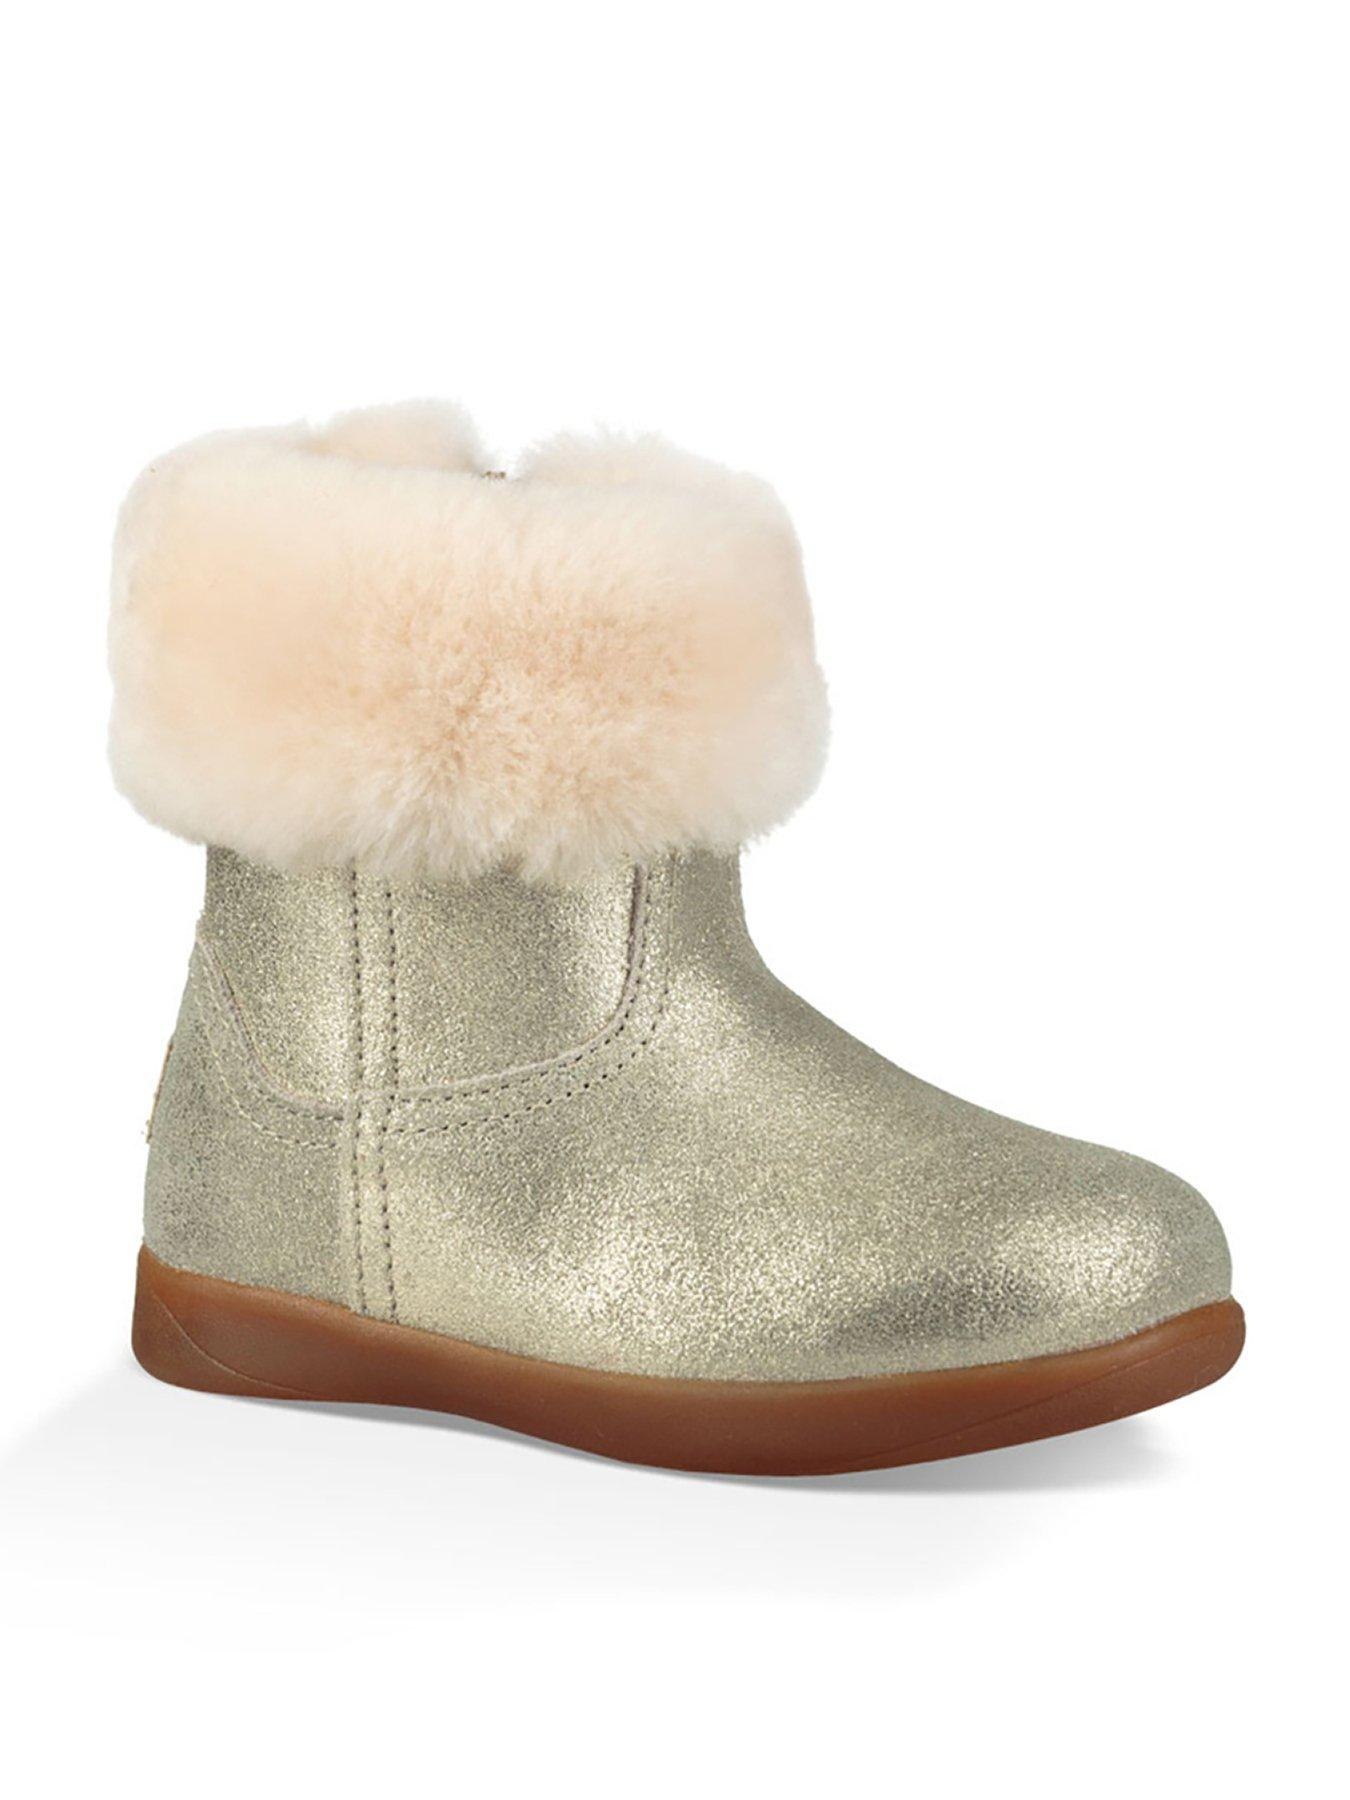 UGG Toddler Jorie ll Boot